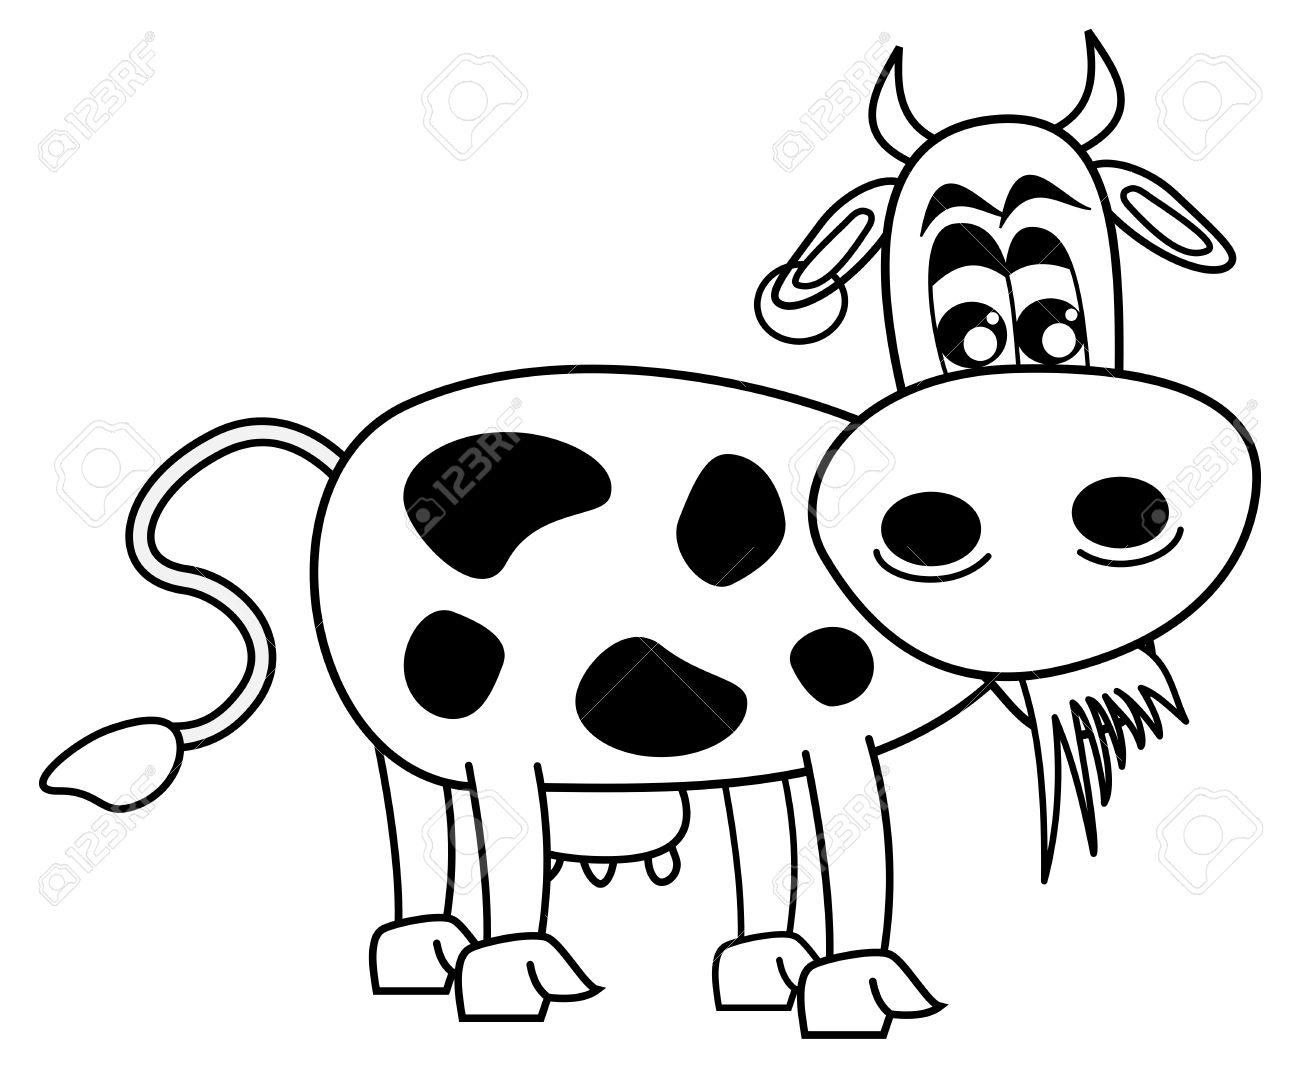 Famoso Páginas Para Colorear De Una Vaca Ilustración - Dibujos Para ...